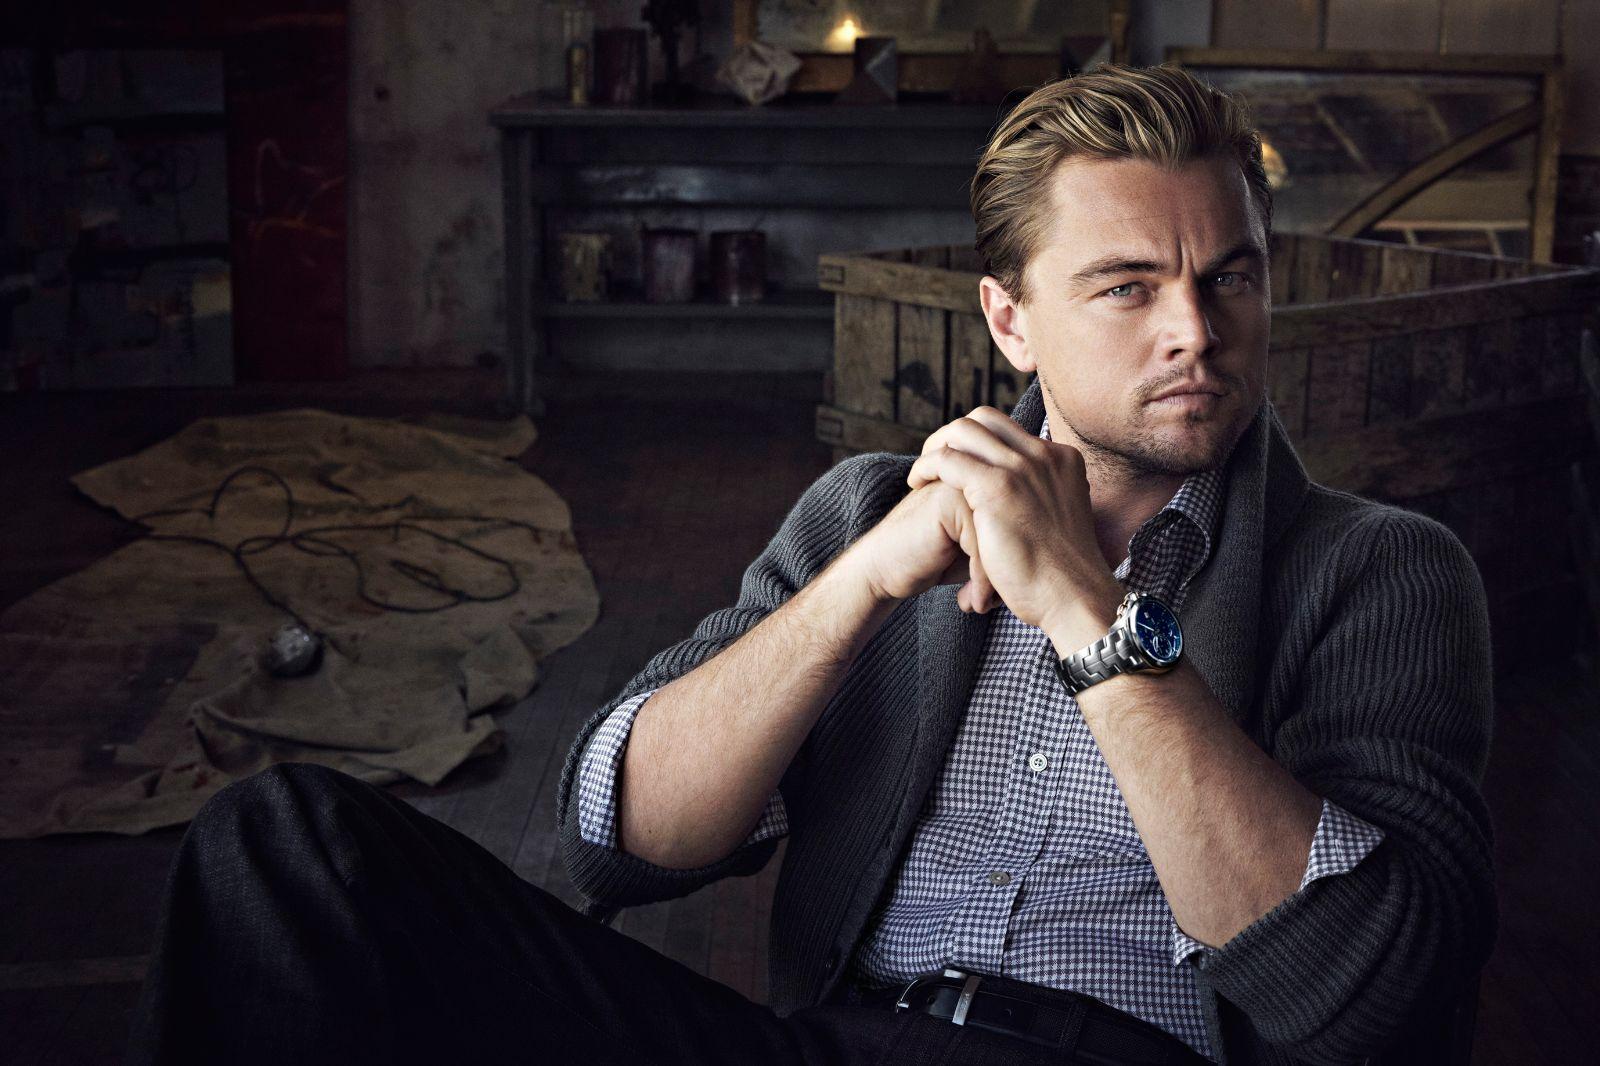 6 lý do tại sao người đeo đồng hồ thường thành công và kiếm nhiều tiền hơn